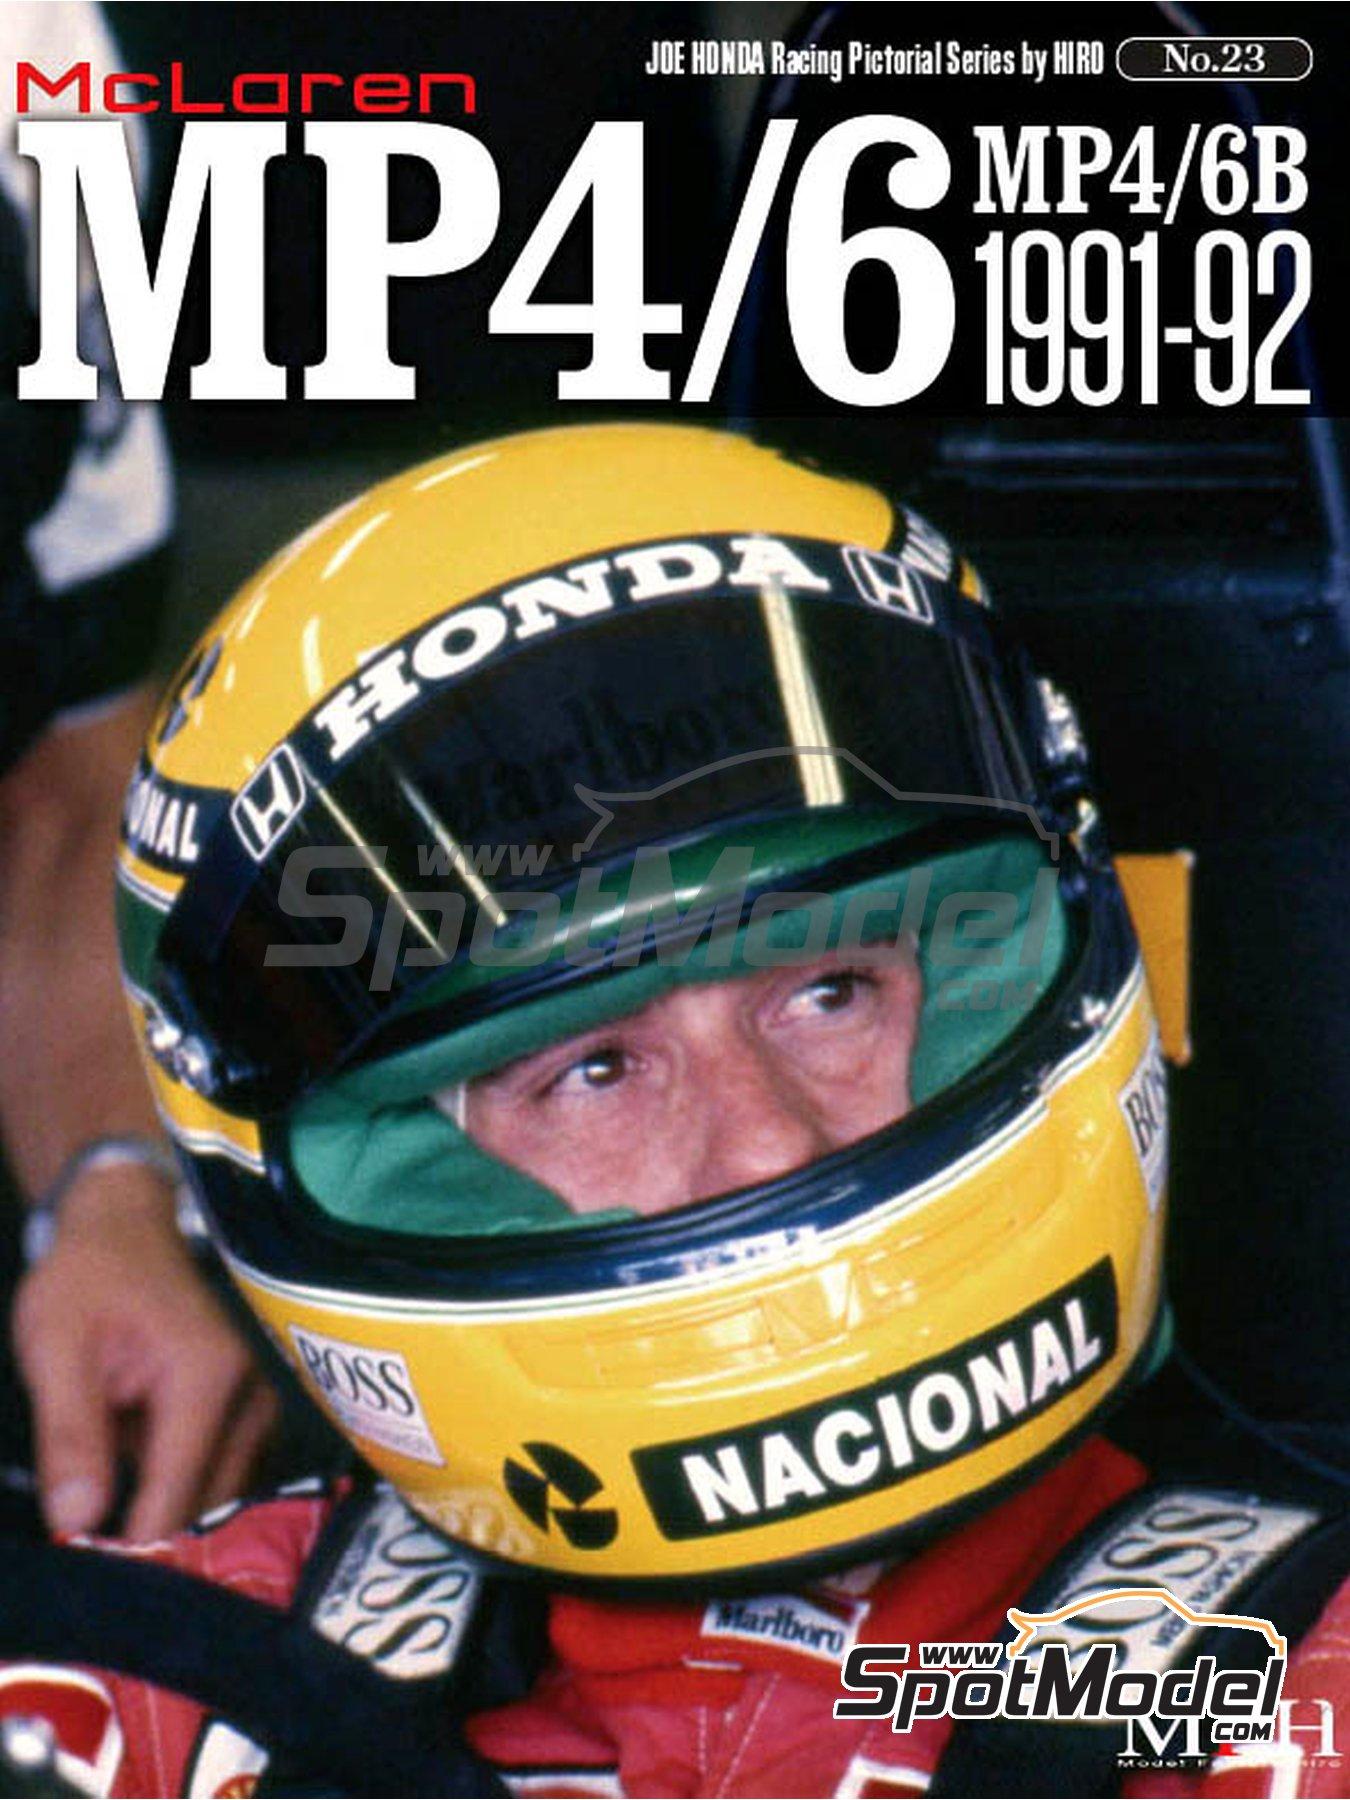 JOE HONDA Racing Pictorial Series - Mc Laren MP4/6B - MP4/6 -  1991 y 1992 | Libro de referencia fabricado por Model Factory Hiro (ref.MFH-JH23) image